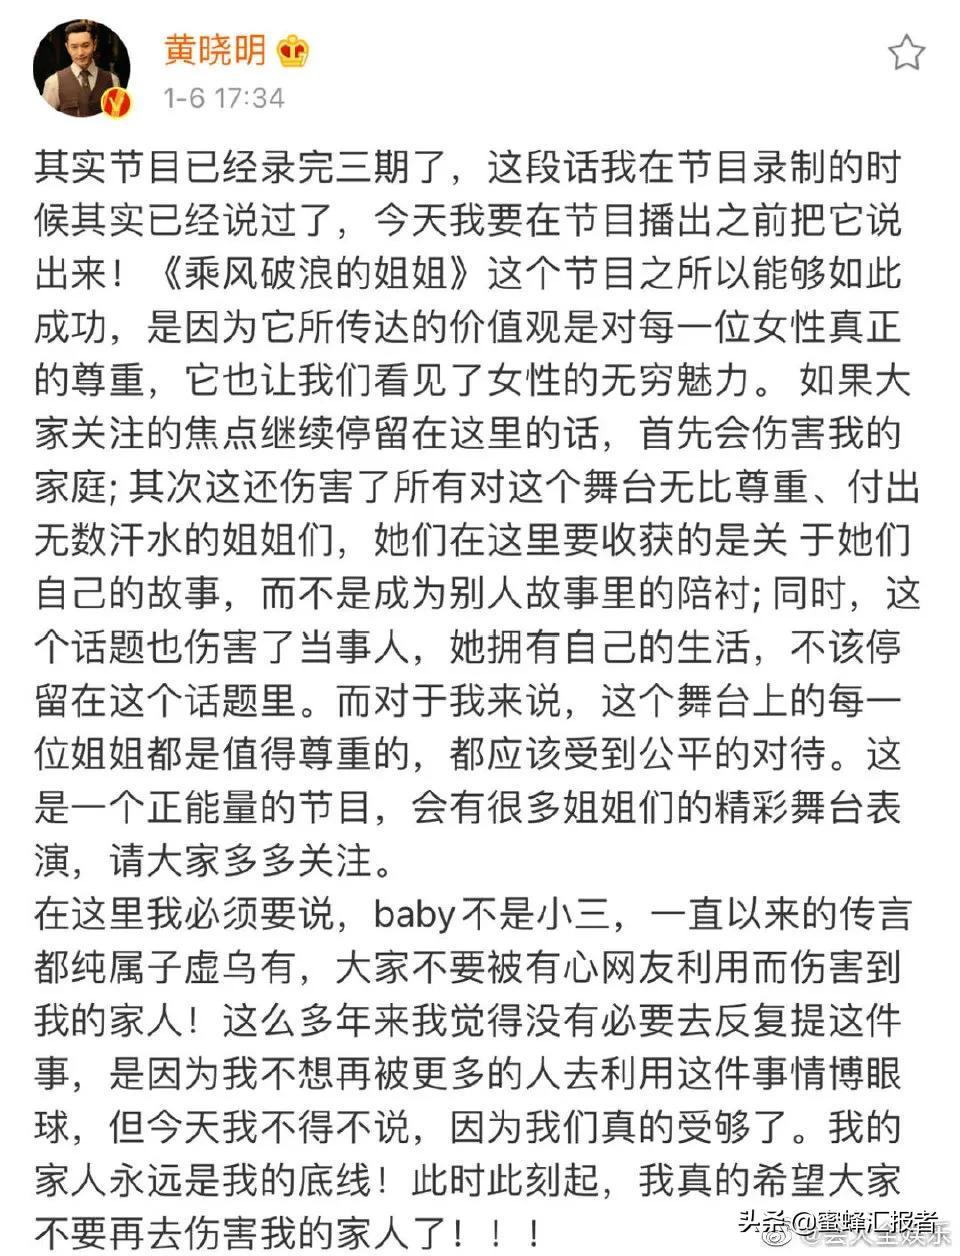 李菲儿微博评论炸开了锅,杨颖工作室发声明维权,有翡周翡吻谢允